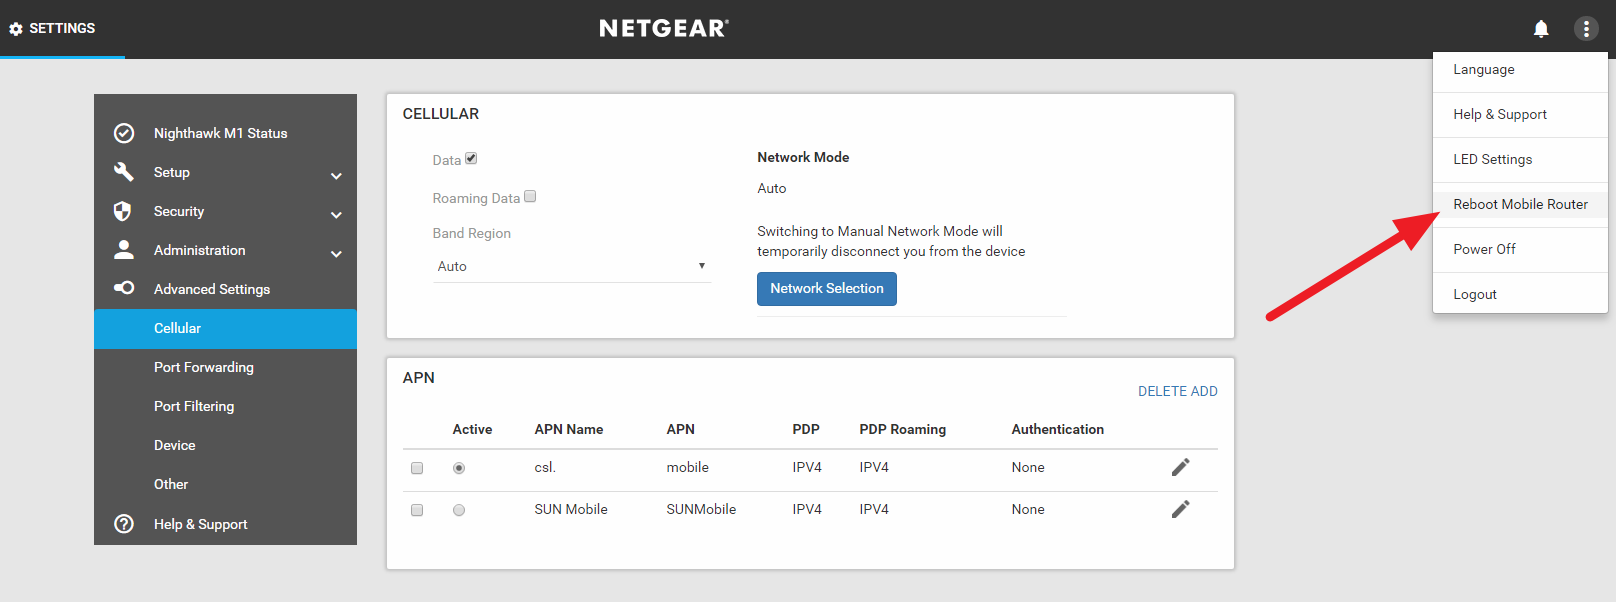 Netgear M1 web interface reboot